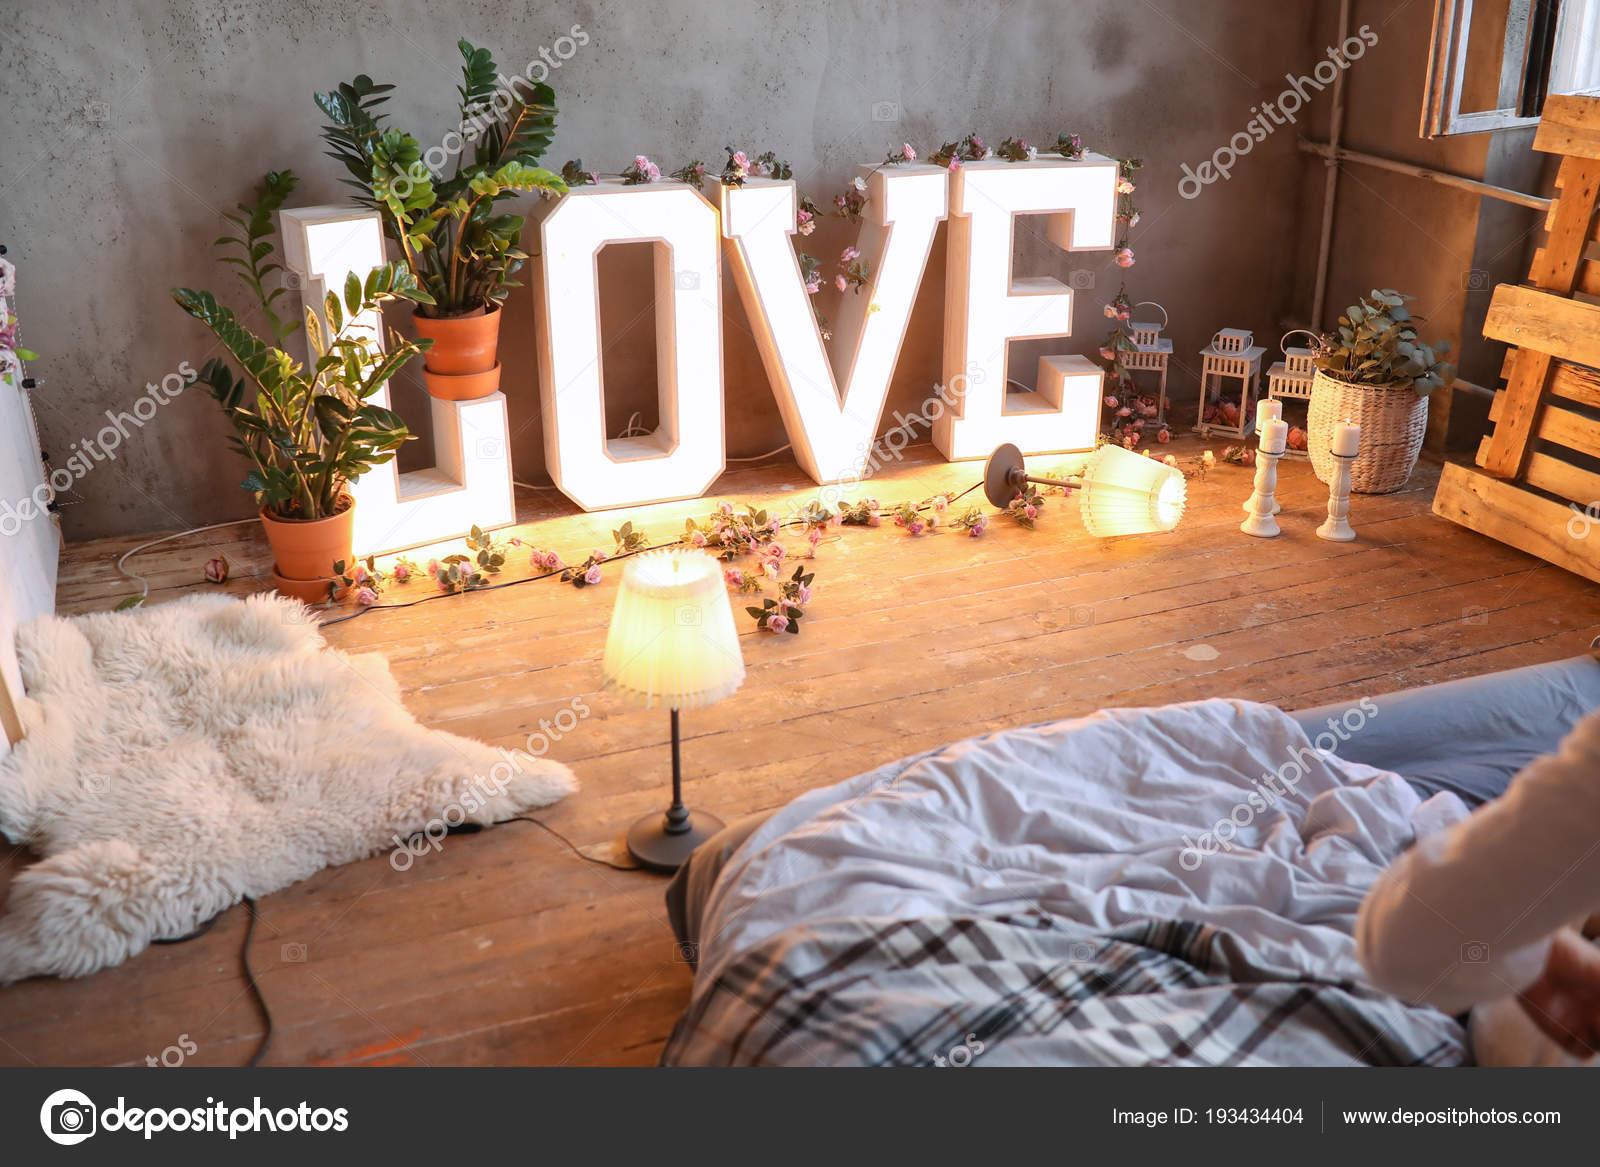 Gemütliche Romantische Schlafzimmer Innenraum Mit Love Schriftzug Dekor U2014  Stockfoto